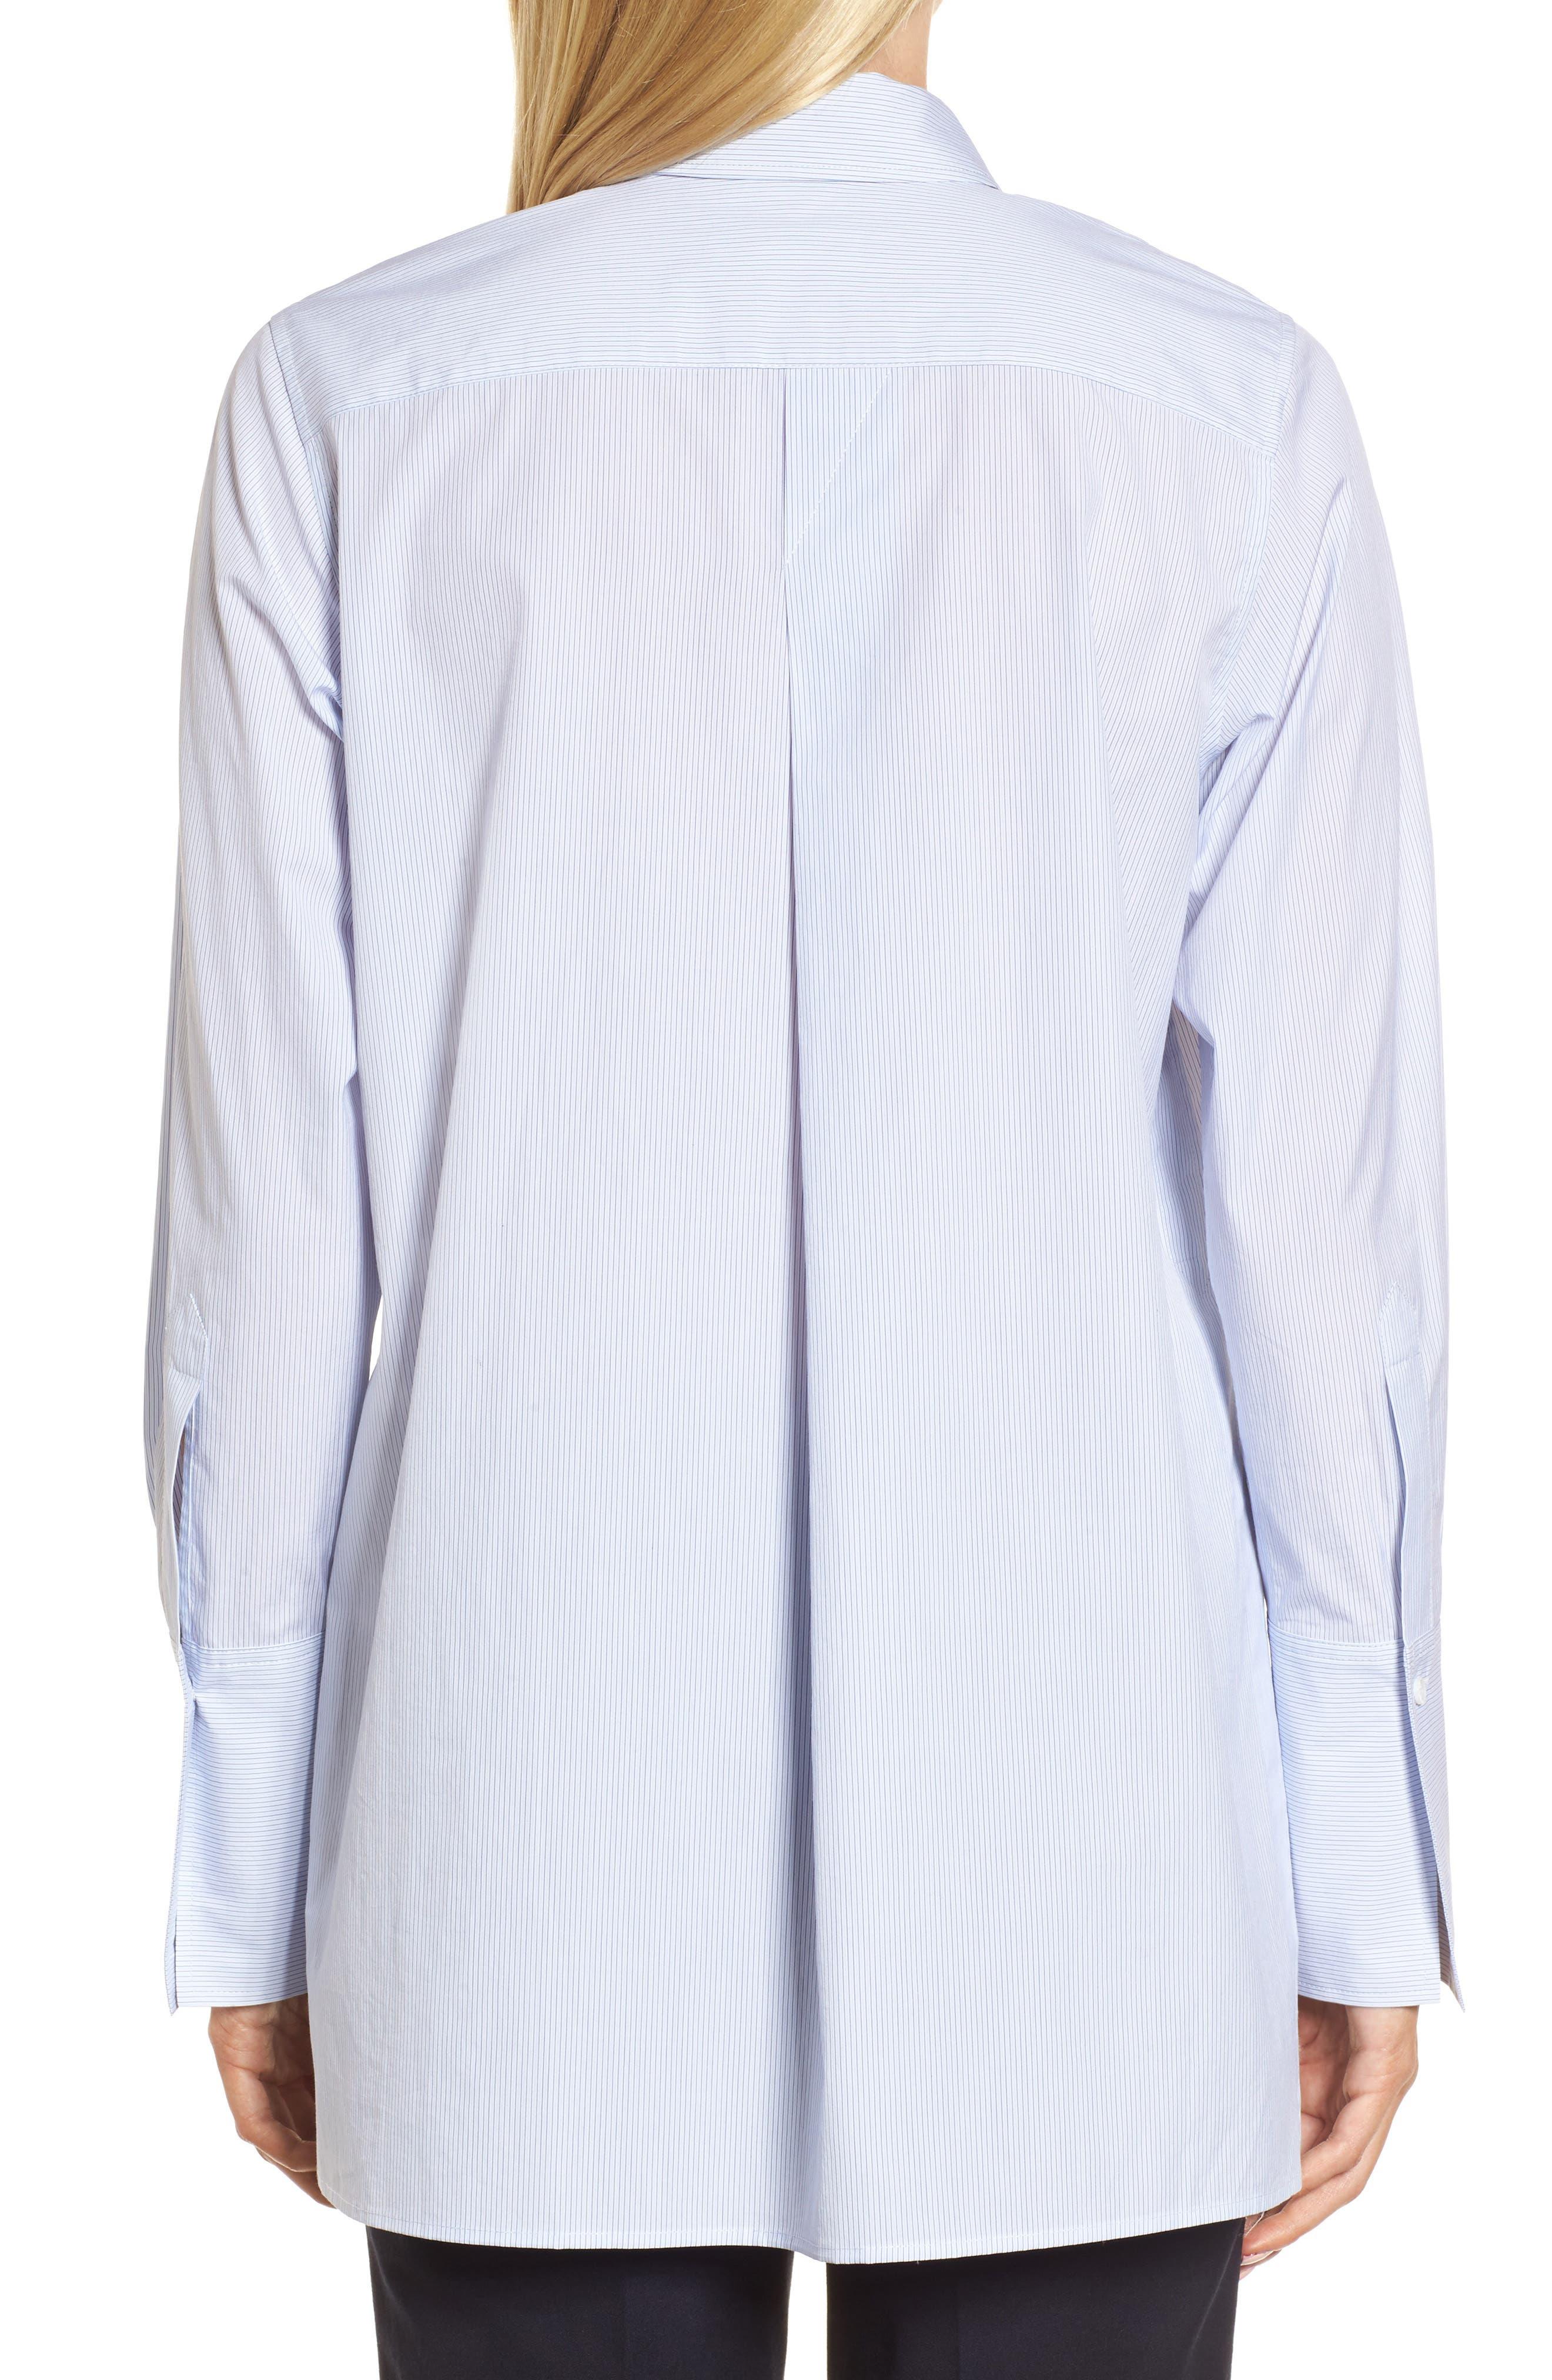 Popover Poplin Shirt,                             Alternate thumbnail 2, color,                             Blue- White Stripe